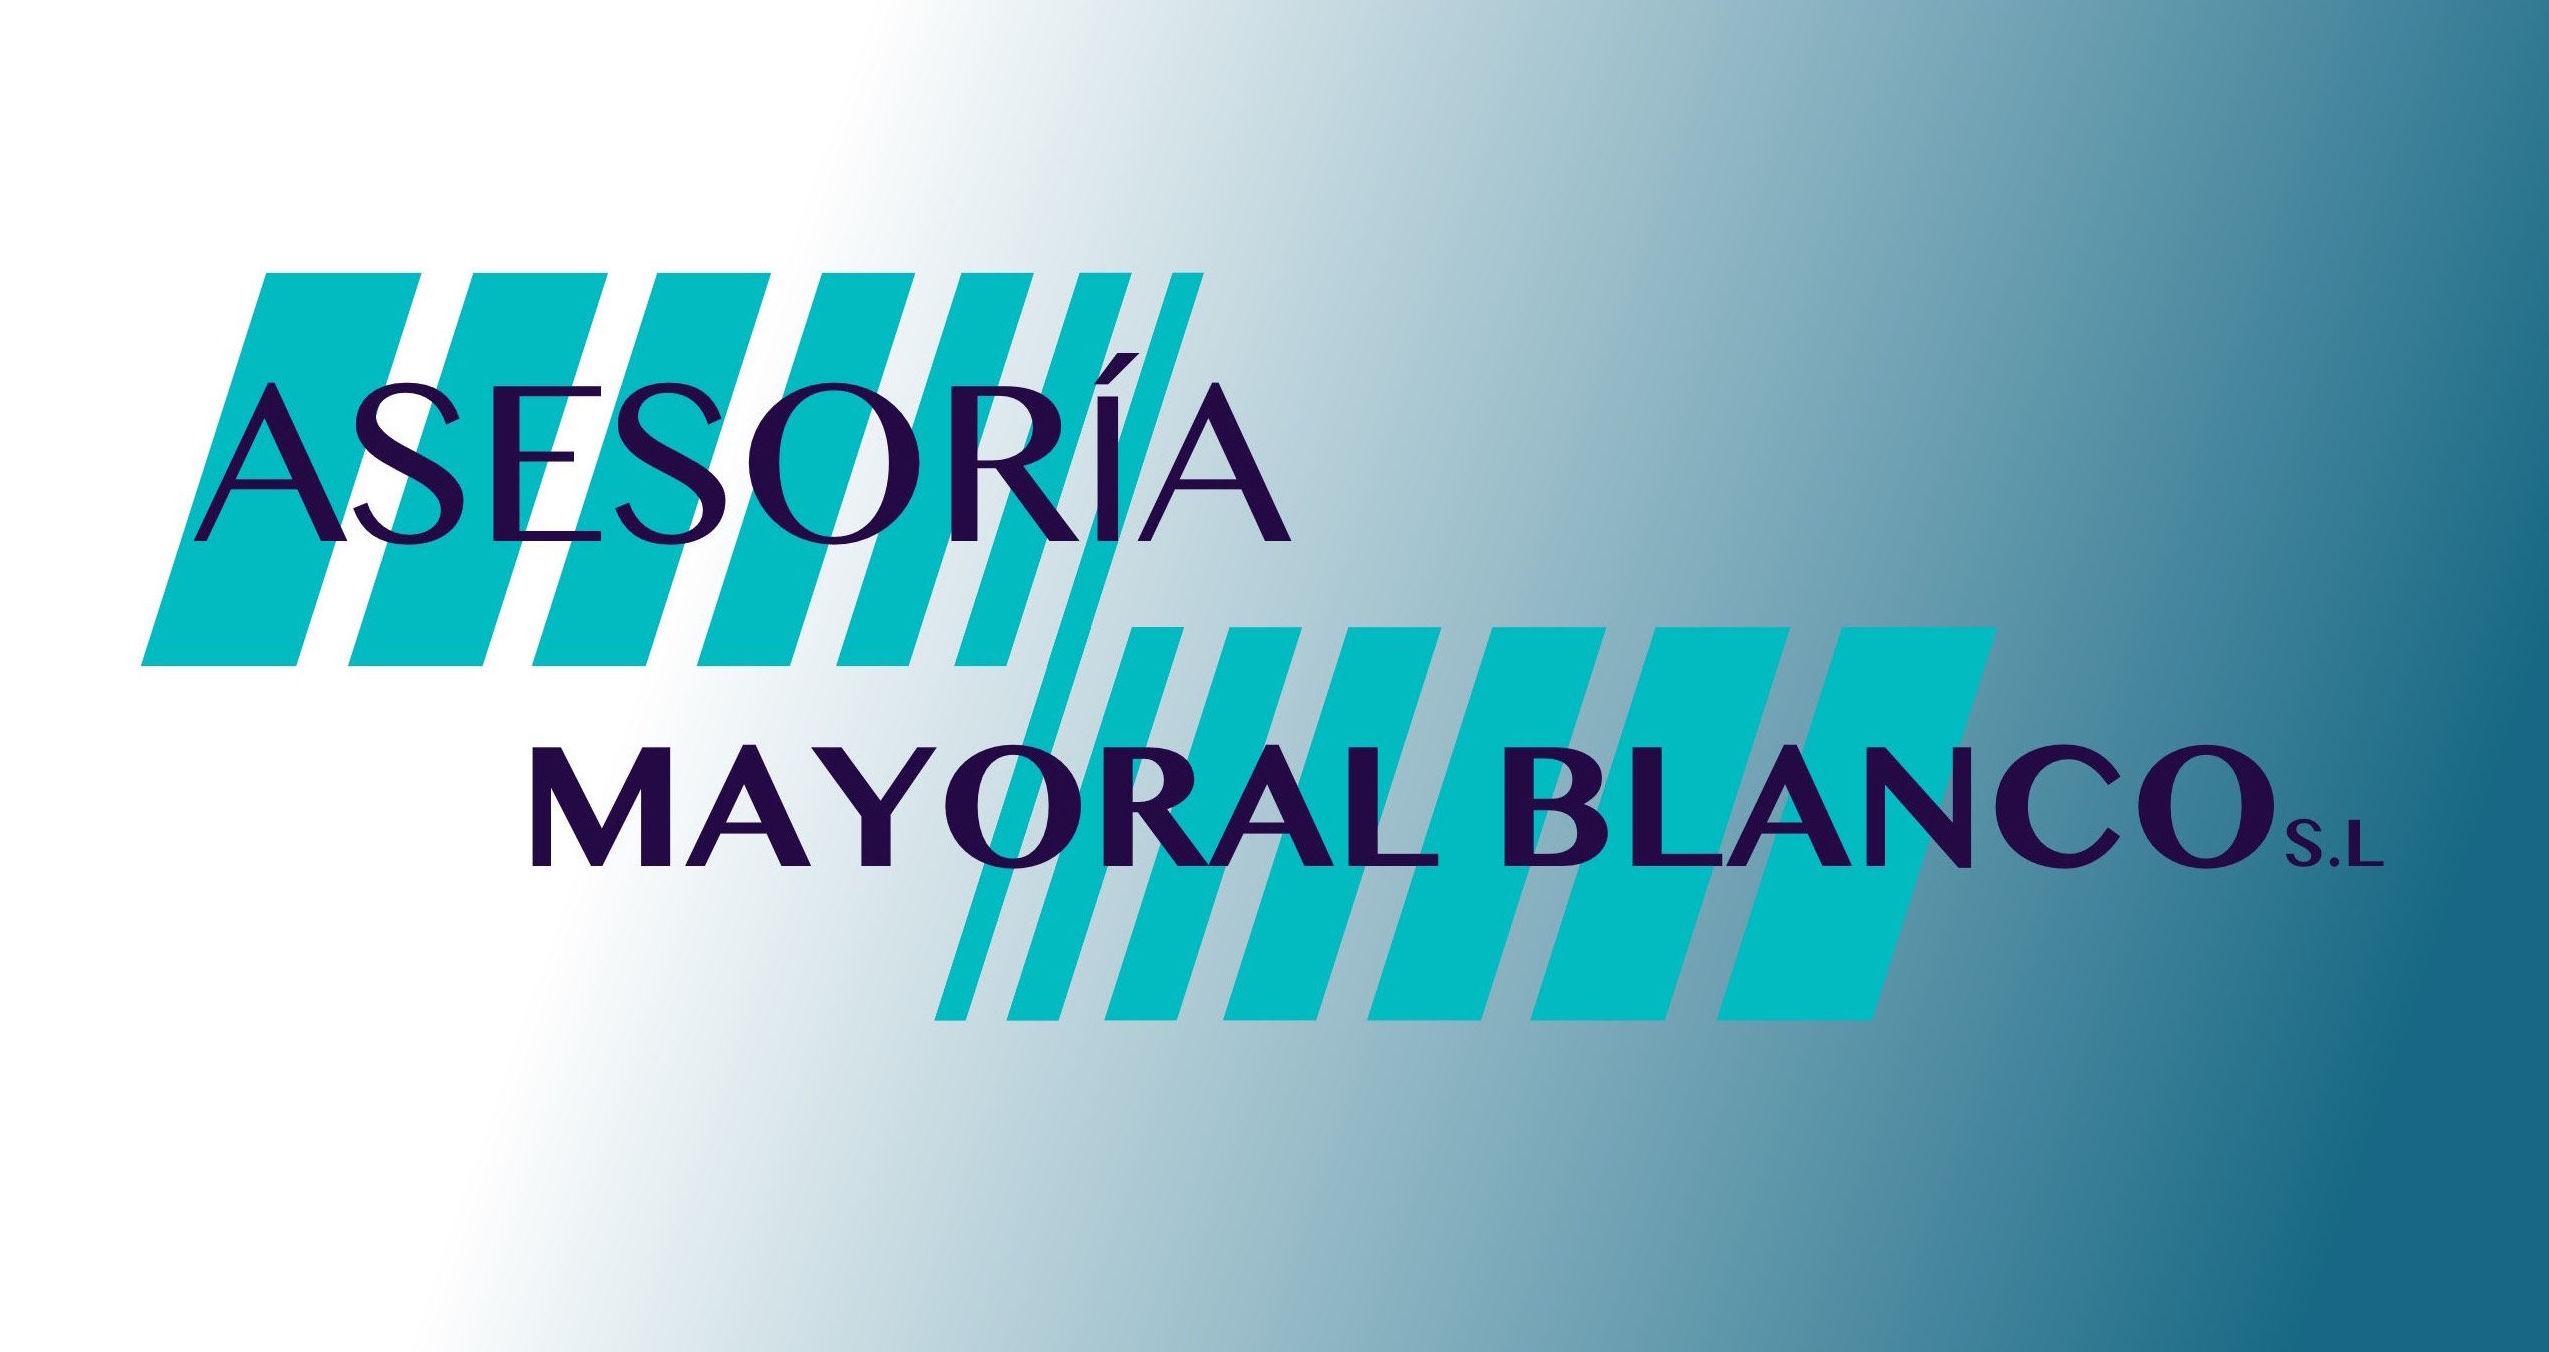 Foto 1 de Asesorías de empresa en Illescas | Asesoría Mayoral Blanco, S.L.